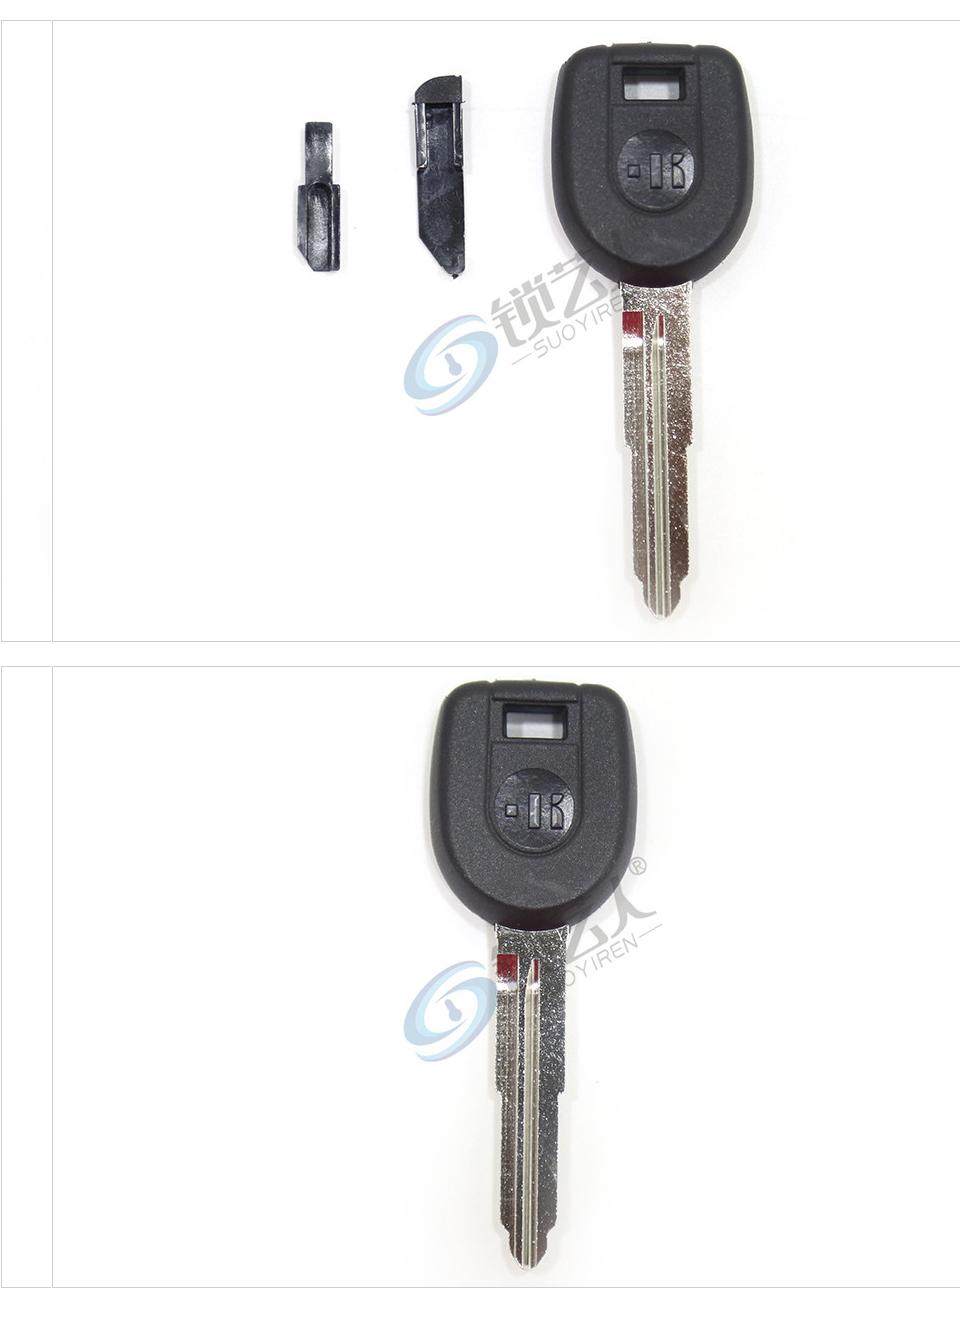 意大利进口开灵KEYLINE三菱芯片钥匙壳MT8SBTK MIT11 三菱直板钥匙-带芯片槽